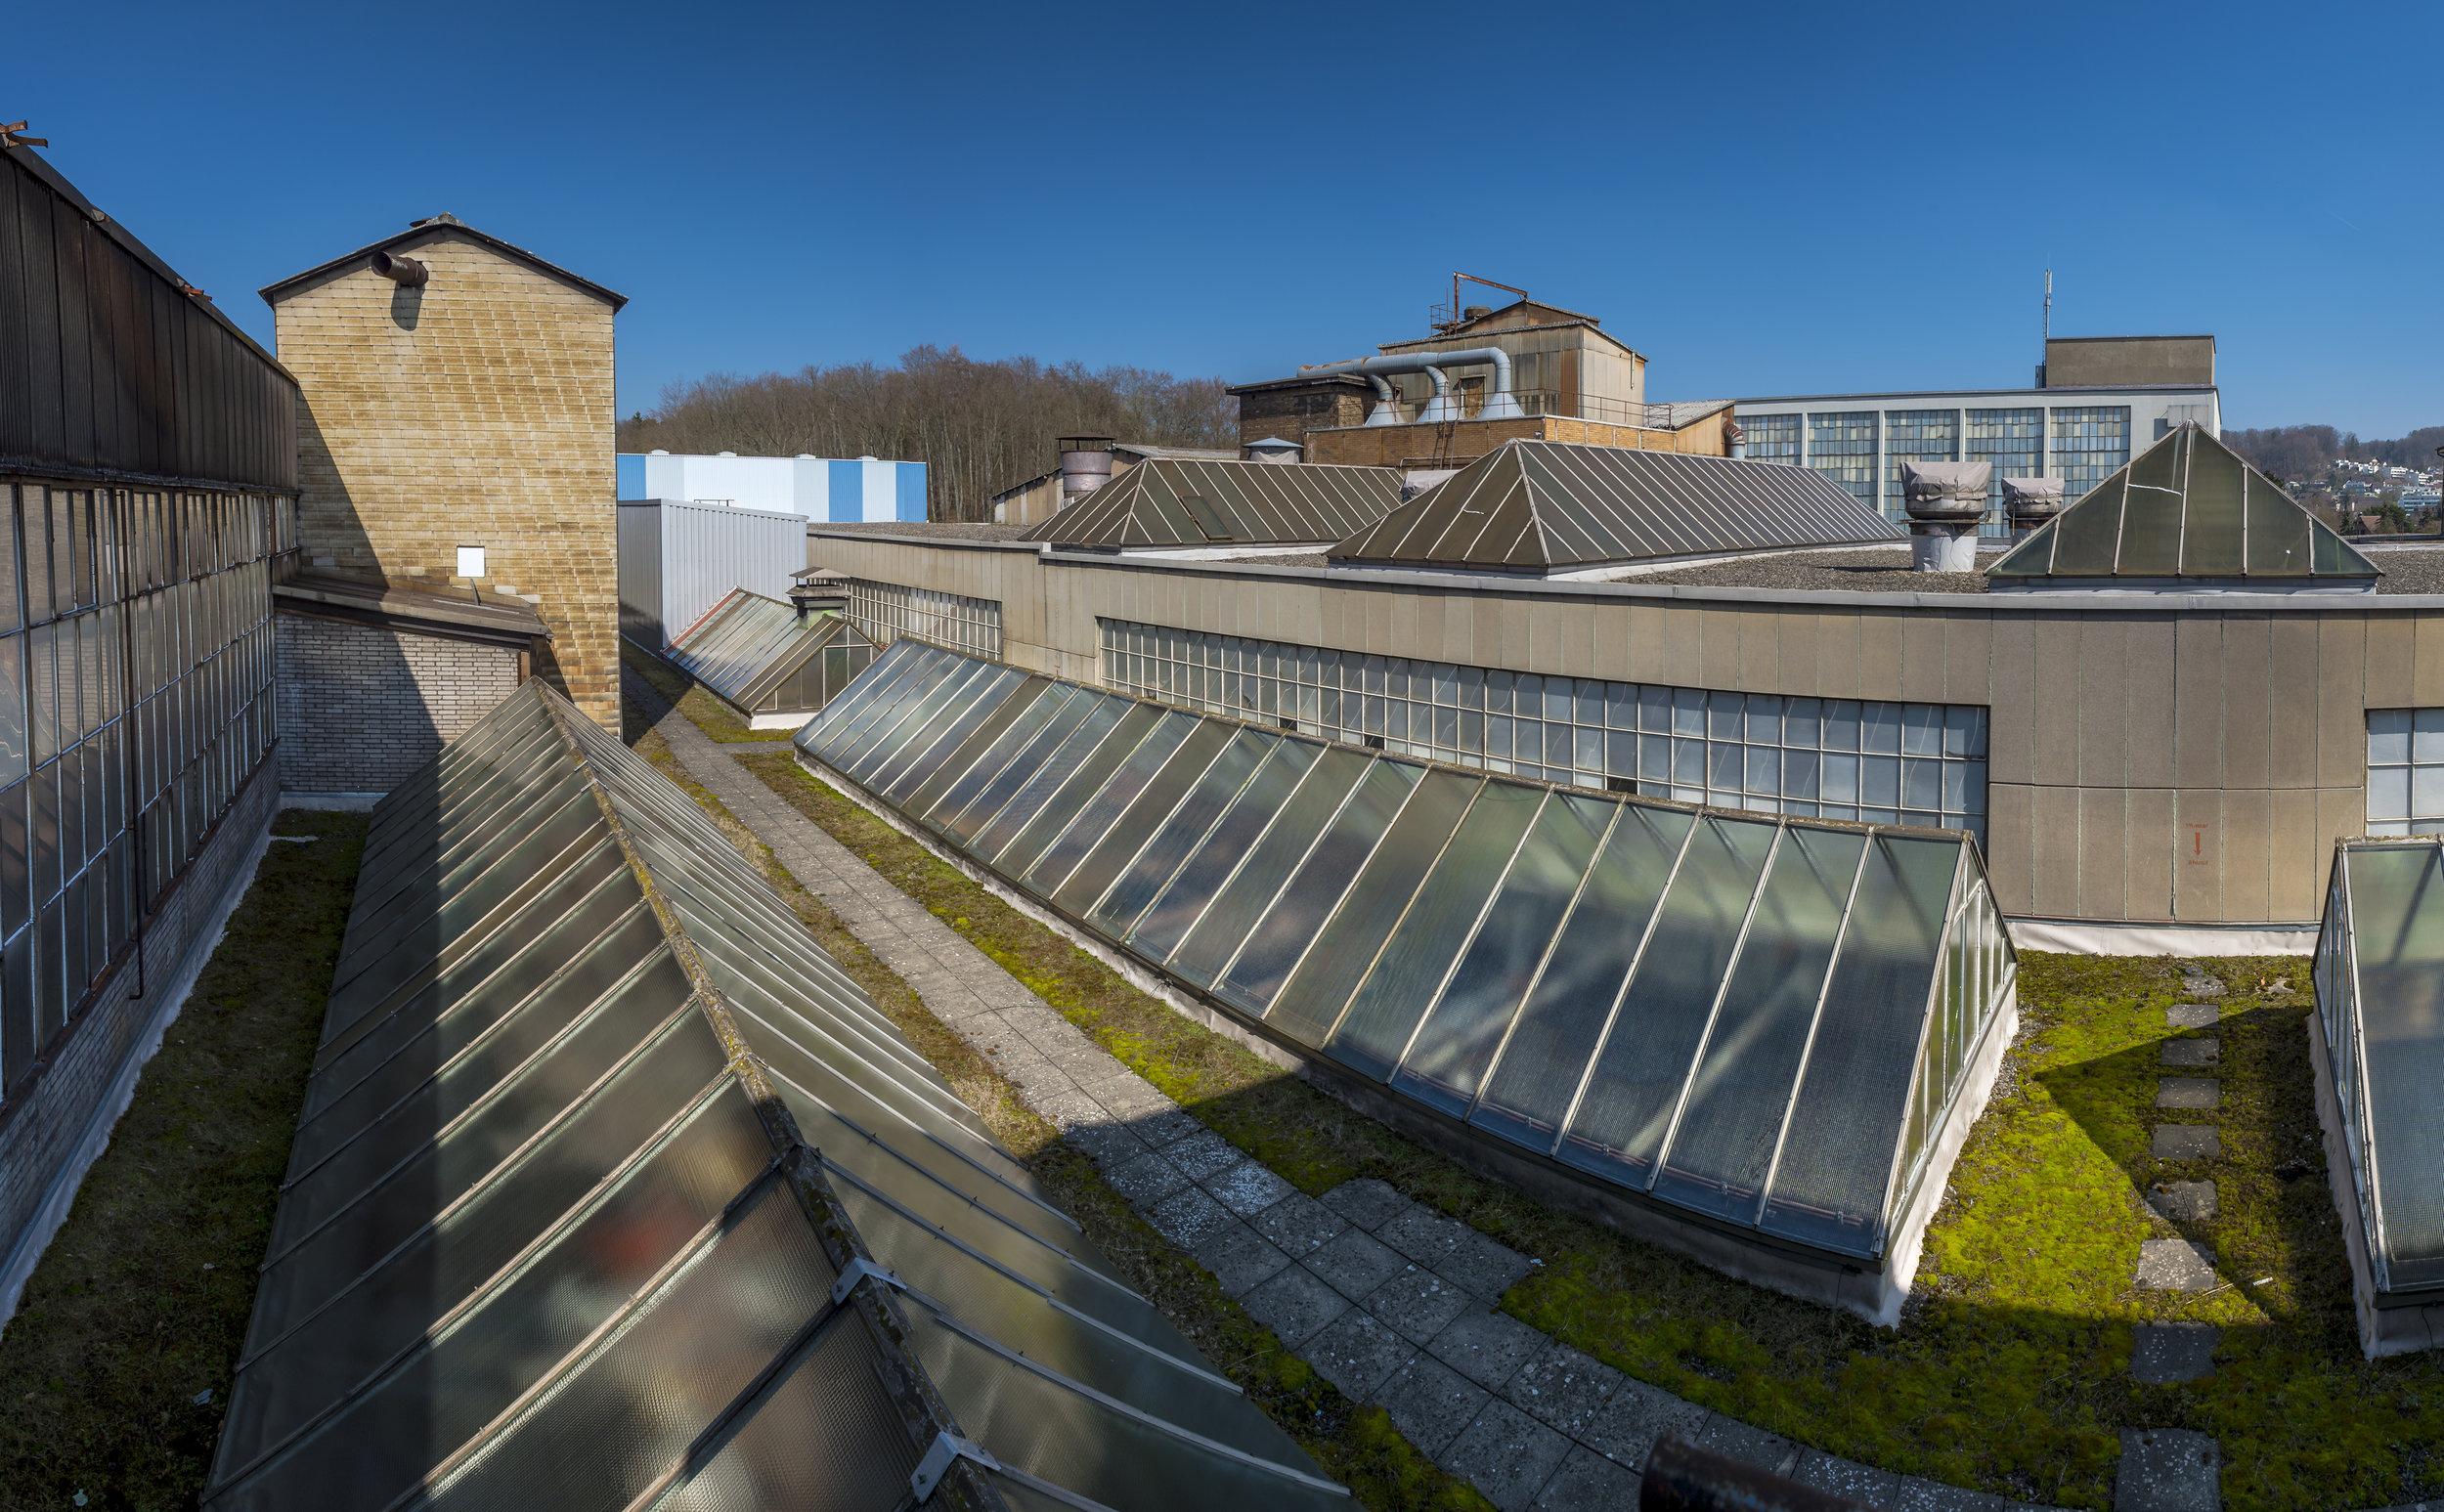 Bülachguss Übersicht Dachkonstruktionen